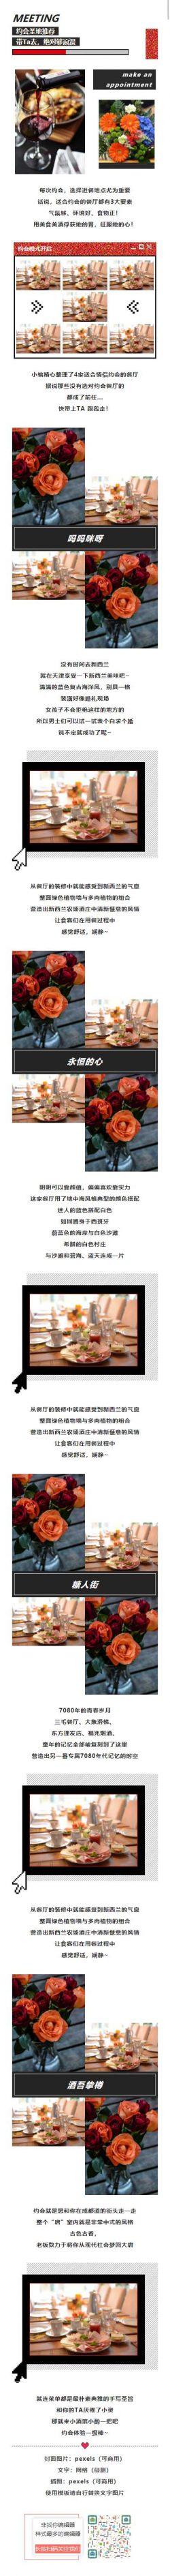 餐厅美食动态条纹素材多图饭馆介绍深色黑色